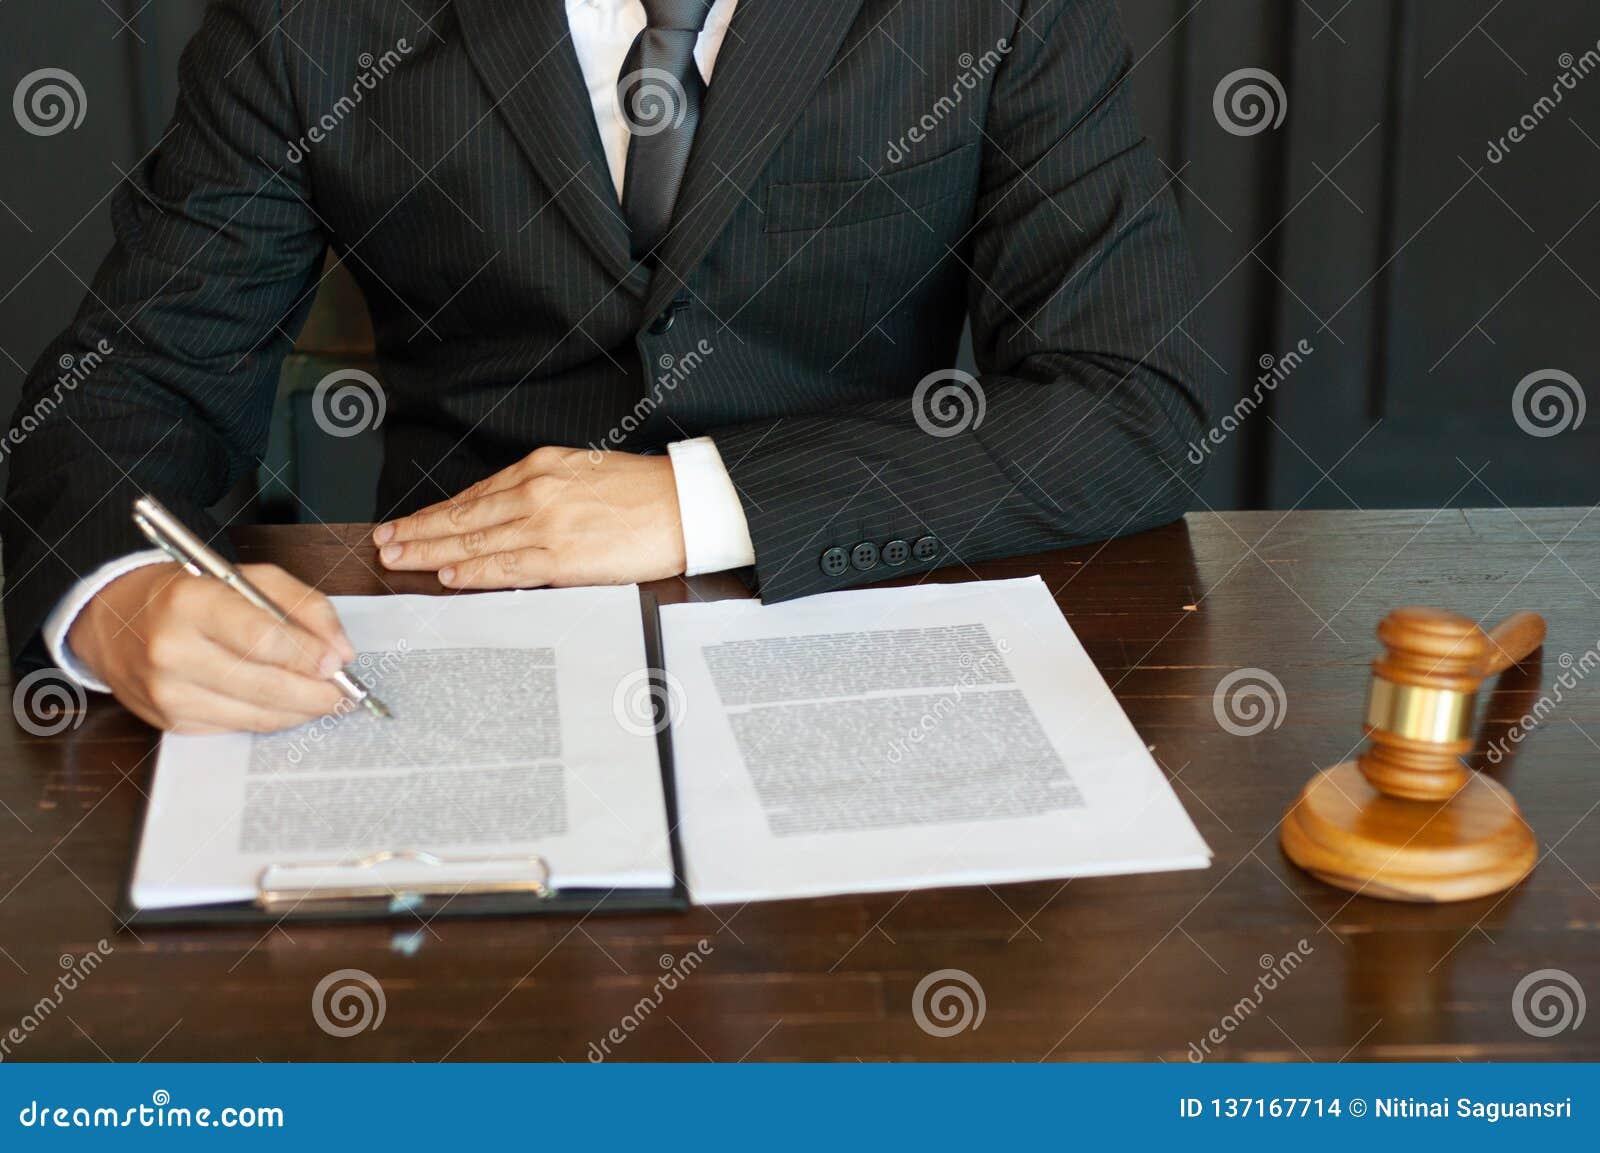 Intoduction операций с ценными бумагами юриста